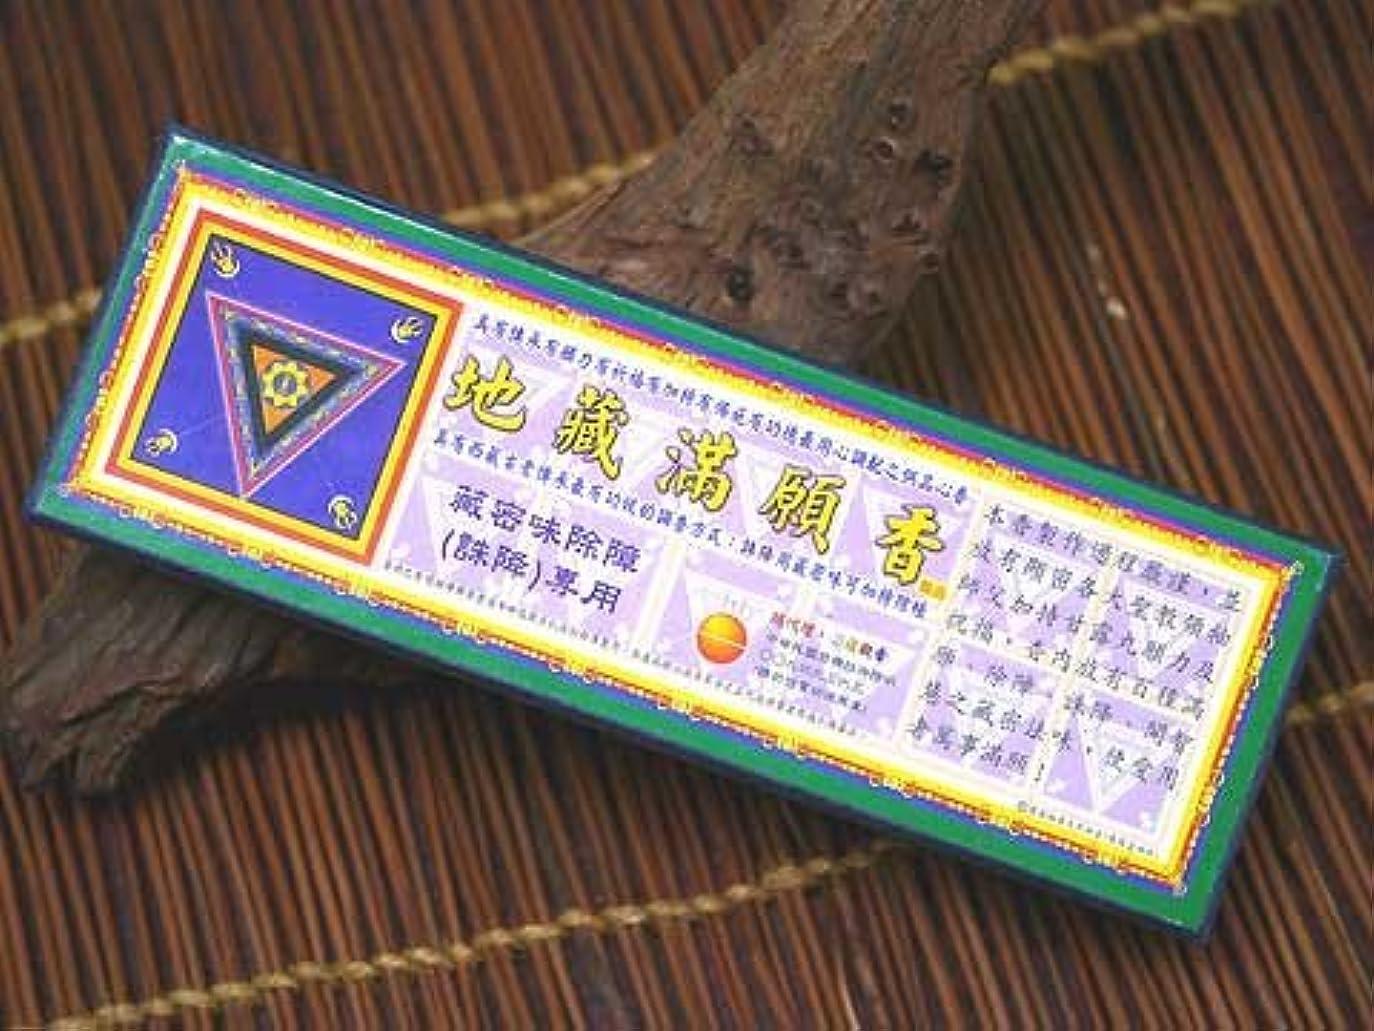 上げる窒息させるばかげた地蔵満願香 台湾のお香 彩蓮観音 地蔵満願香 おタイプ